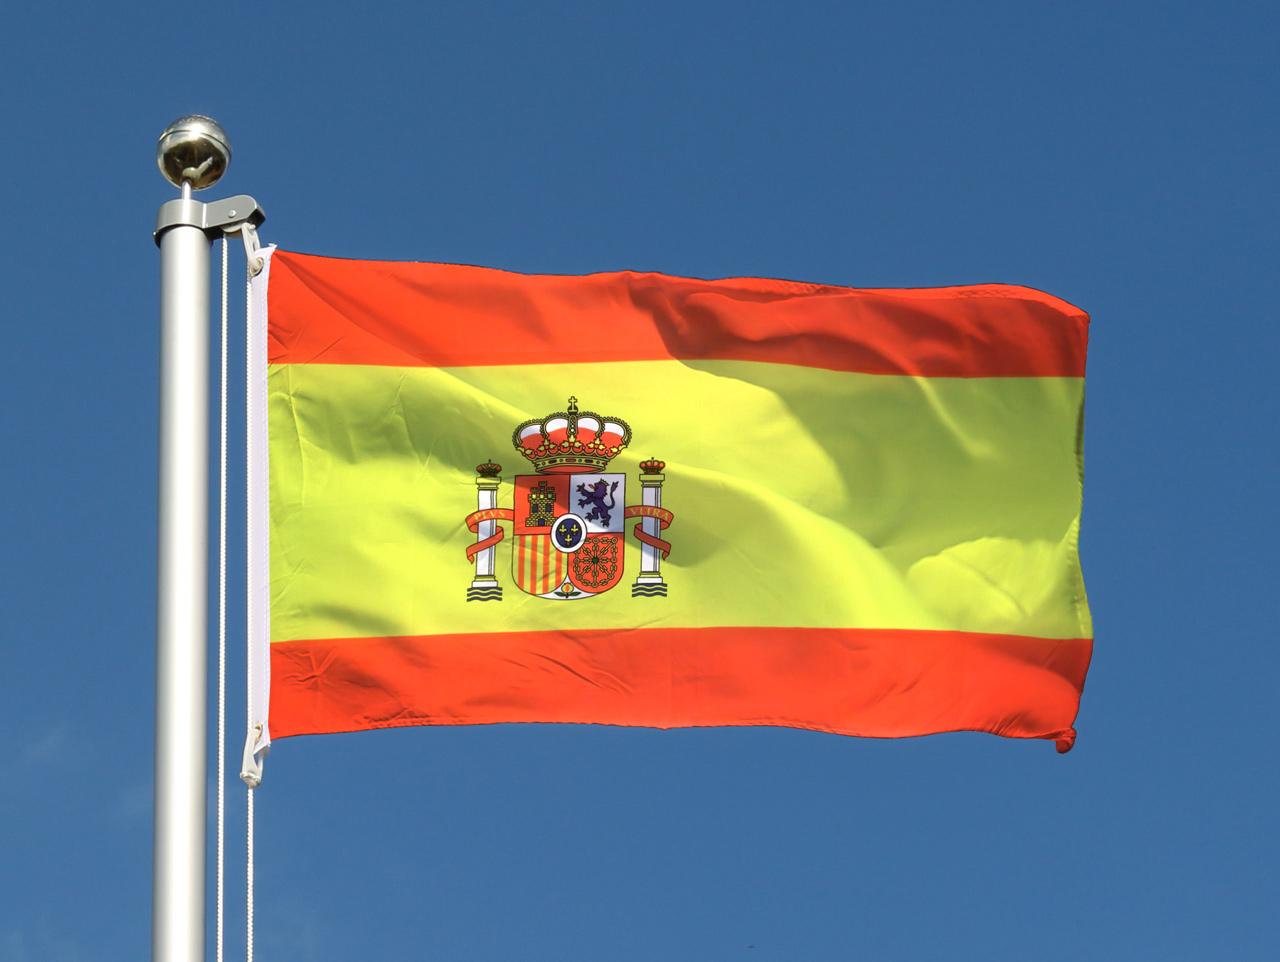 acheter drapeau espagnol pas cher 60 x 90 cm m des drapeaux. Black Bedroom Furniture Sets. Home Design Ideas